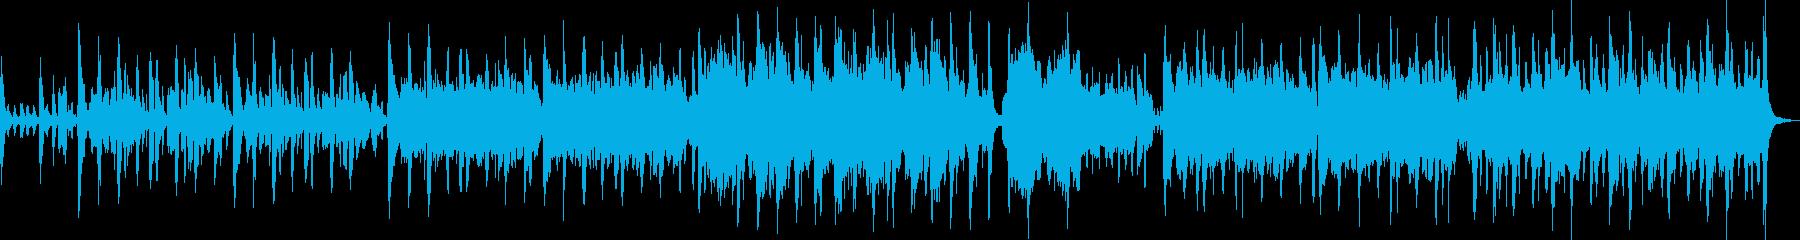 ヨーロッパ風アコーディオンワルツの再生済みの波形